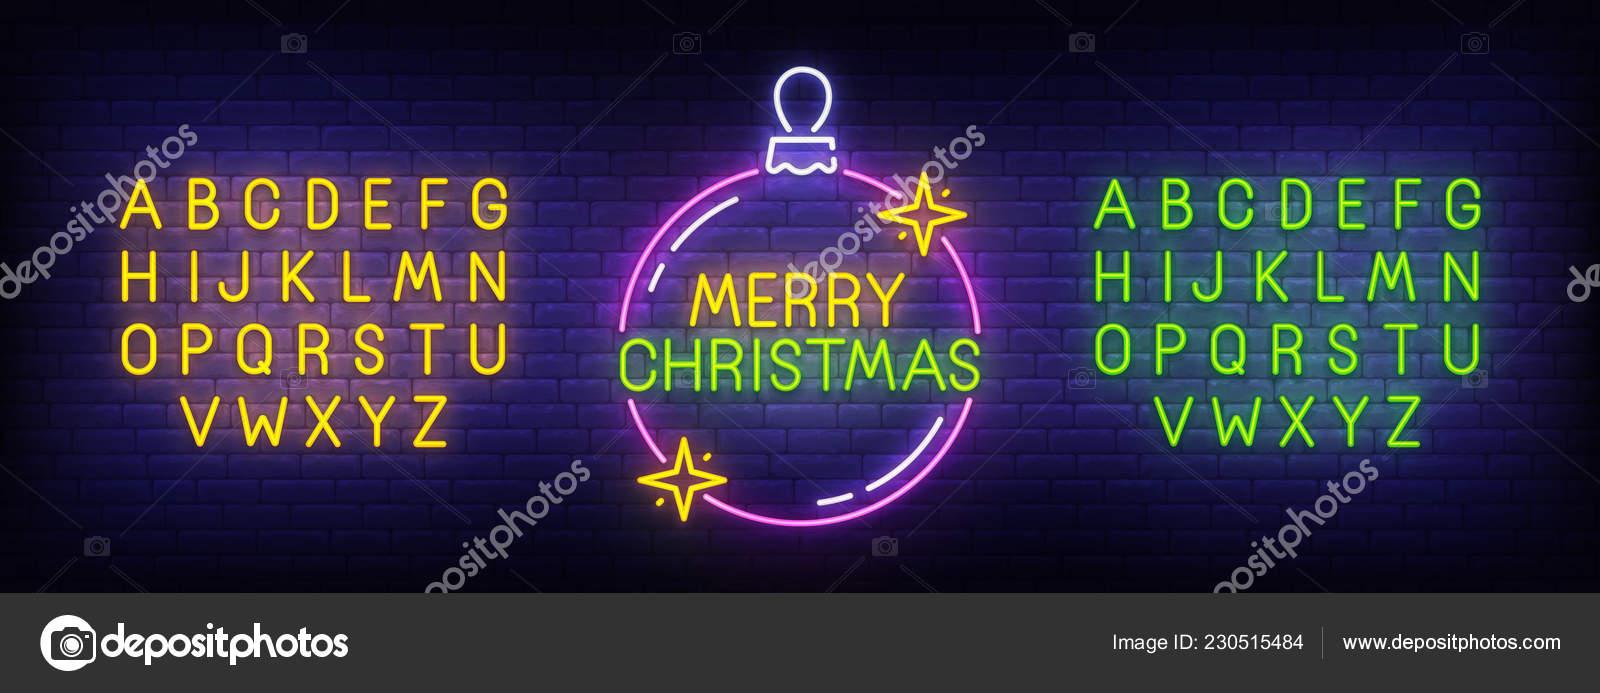 Weihnachten Bilder Bearbeiten.Frohe Weihnachten Neon Sign Hellen Schild Licht Banner Weihnachten